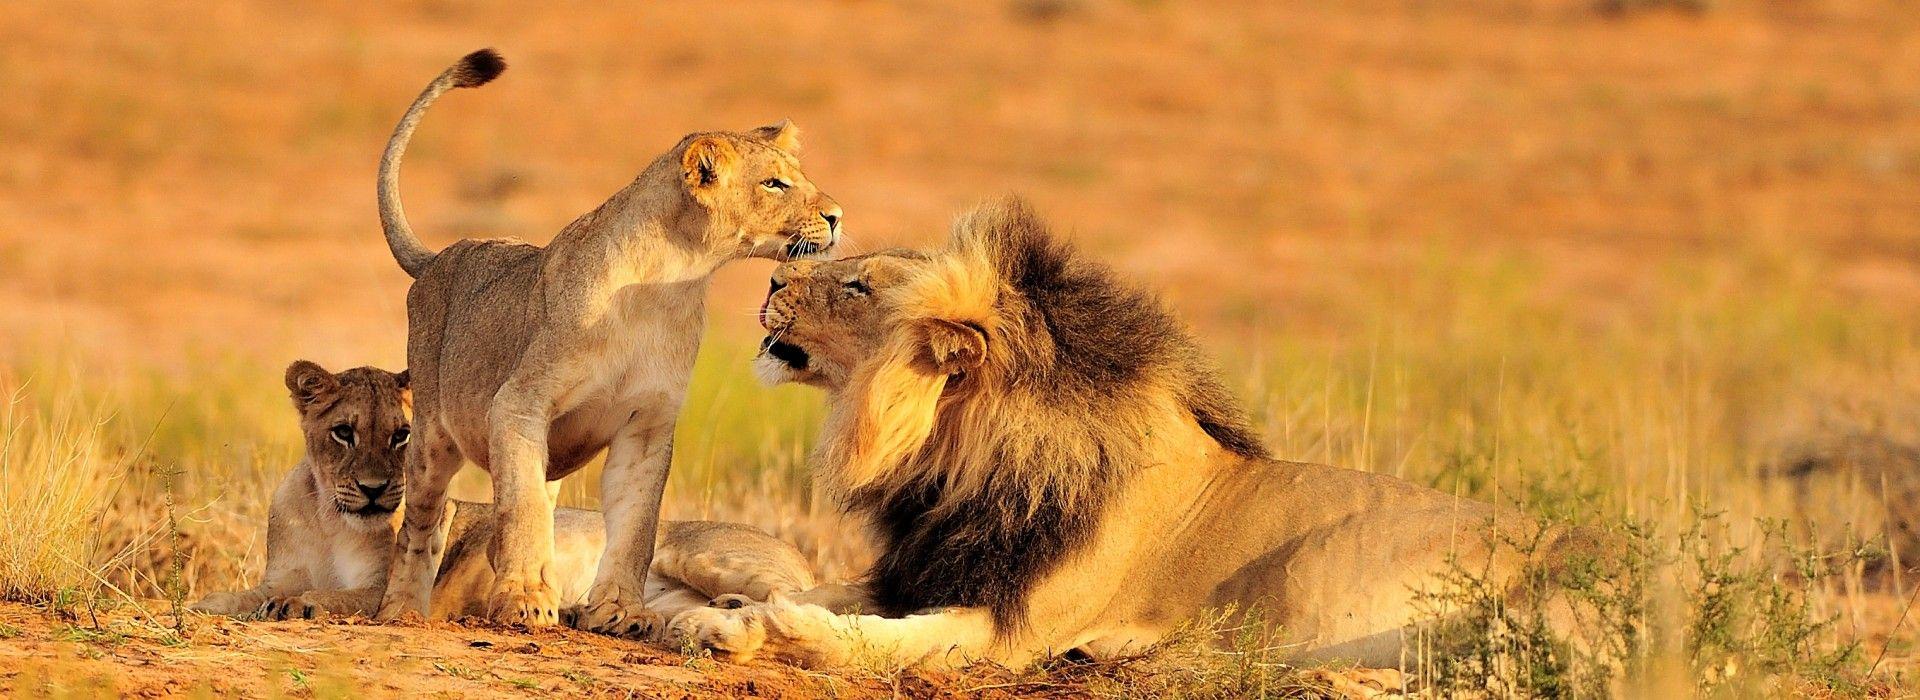 Natural landmarks sightseeing Tours in Kruger National Park